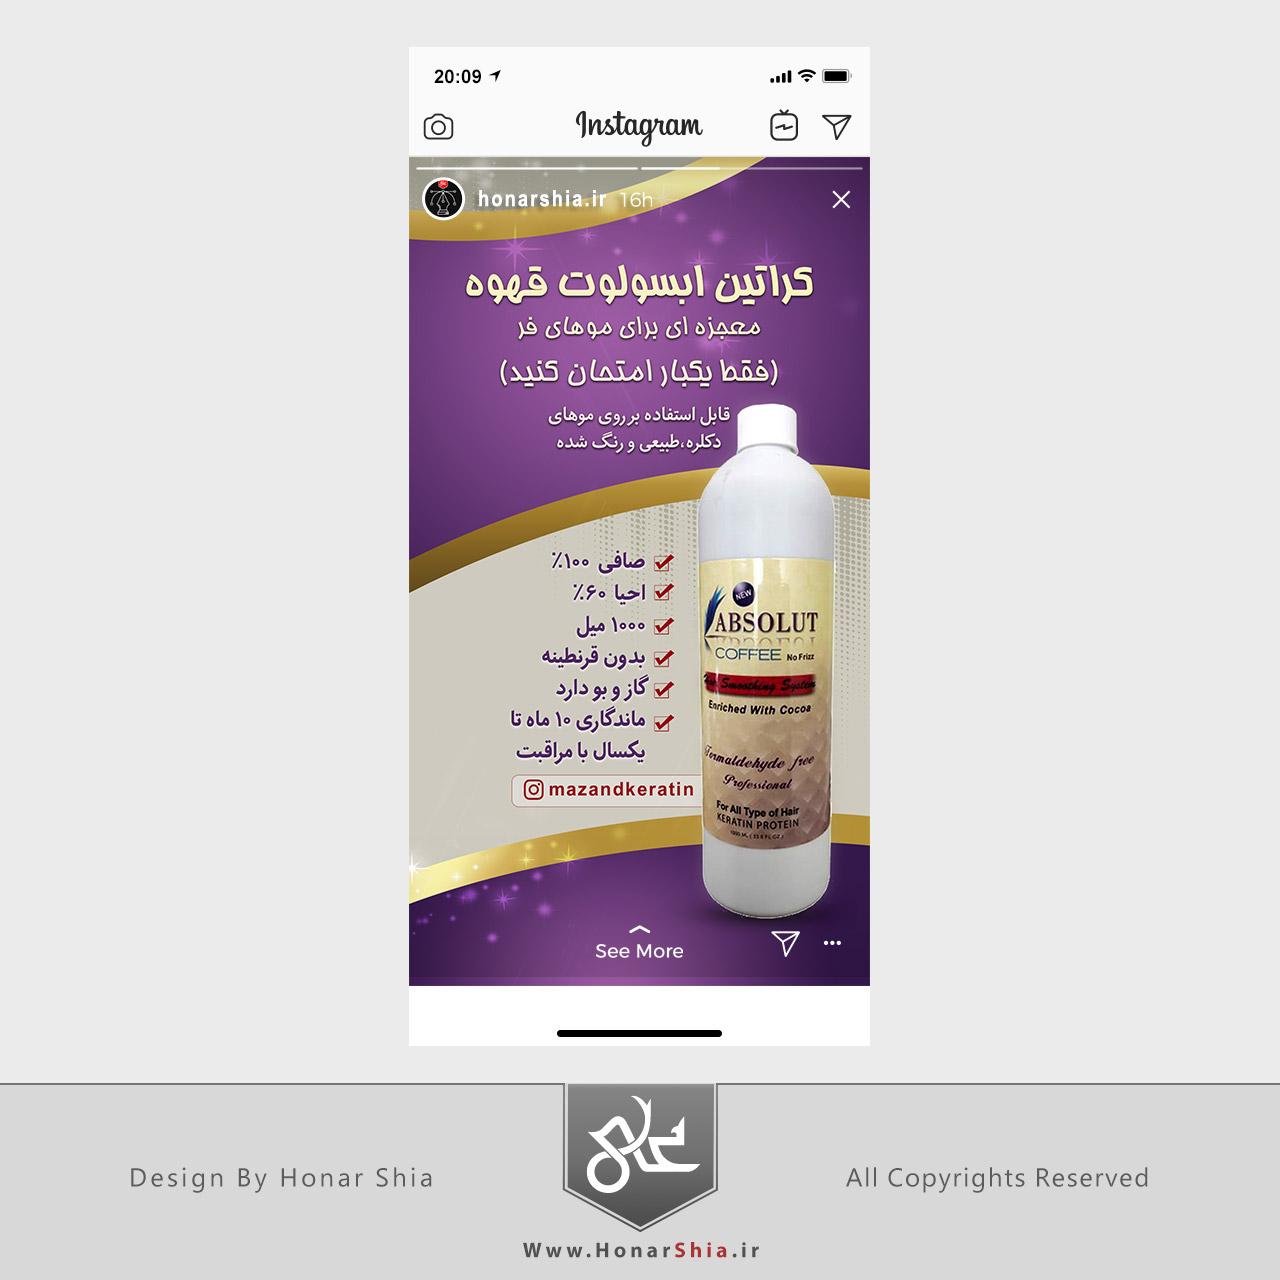 طراحی استوری تبلیغاتی کراتین ابسولوت قهوه